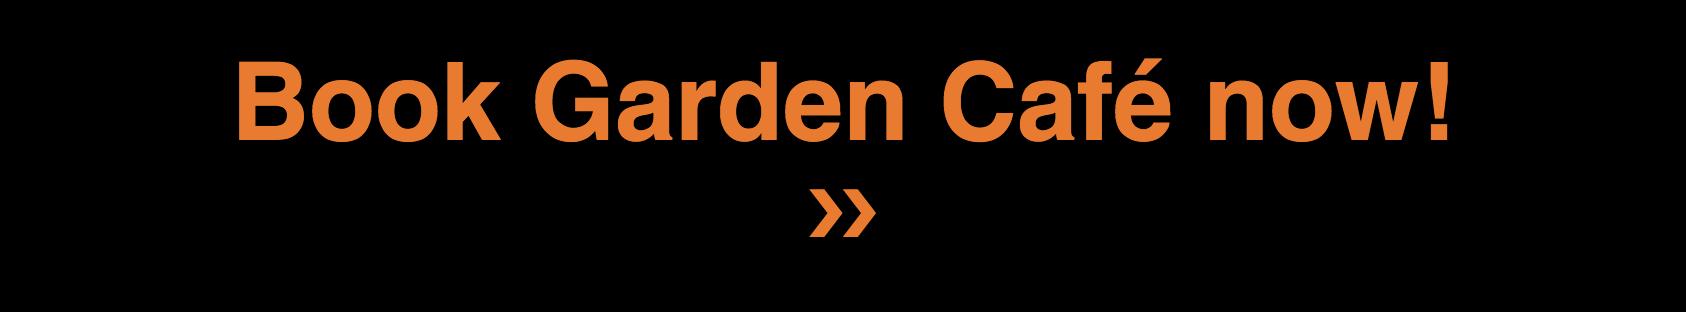 Book Garden Café - Conrad Hong Kong 咖啡園 - 港麗酒店 - OKiBook Hong Kong and Macau Restaurant Buffet booking 餐廳和自助餐預訂香港和澳門